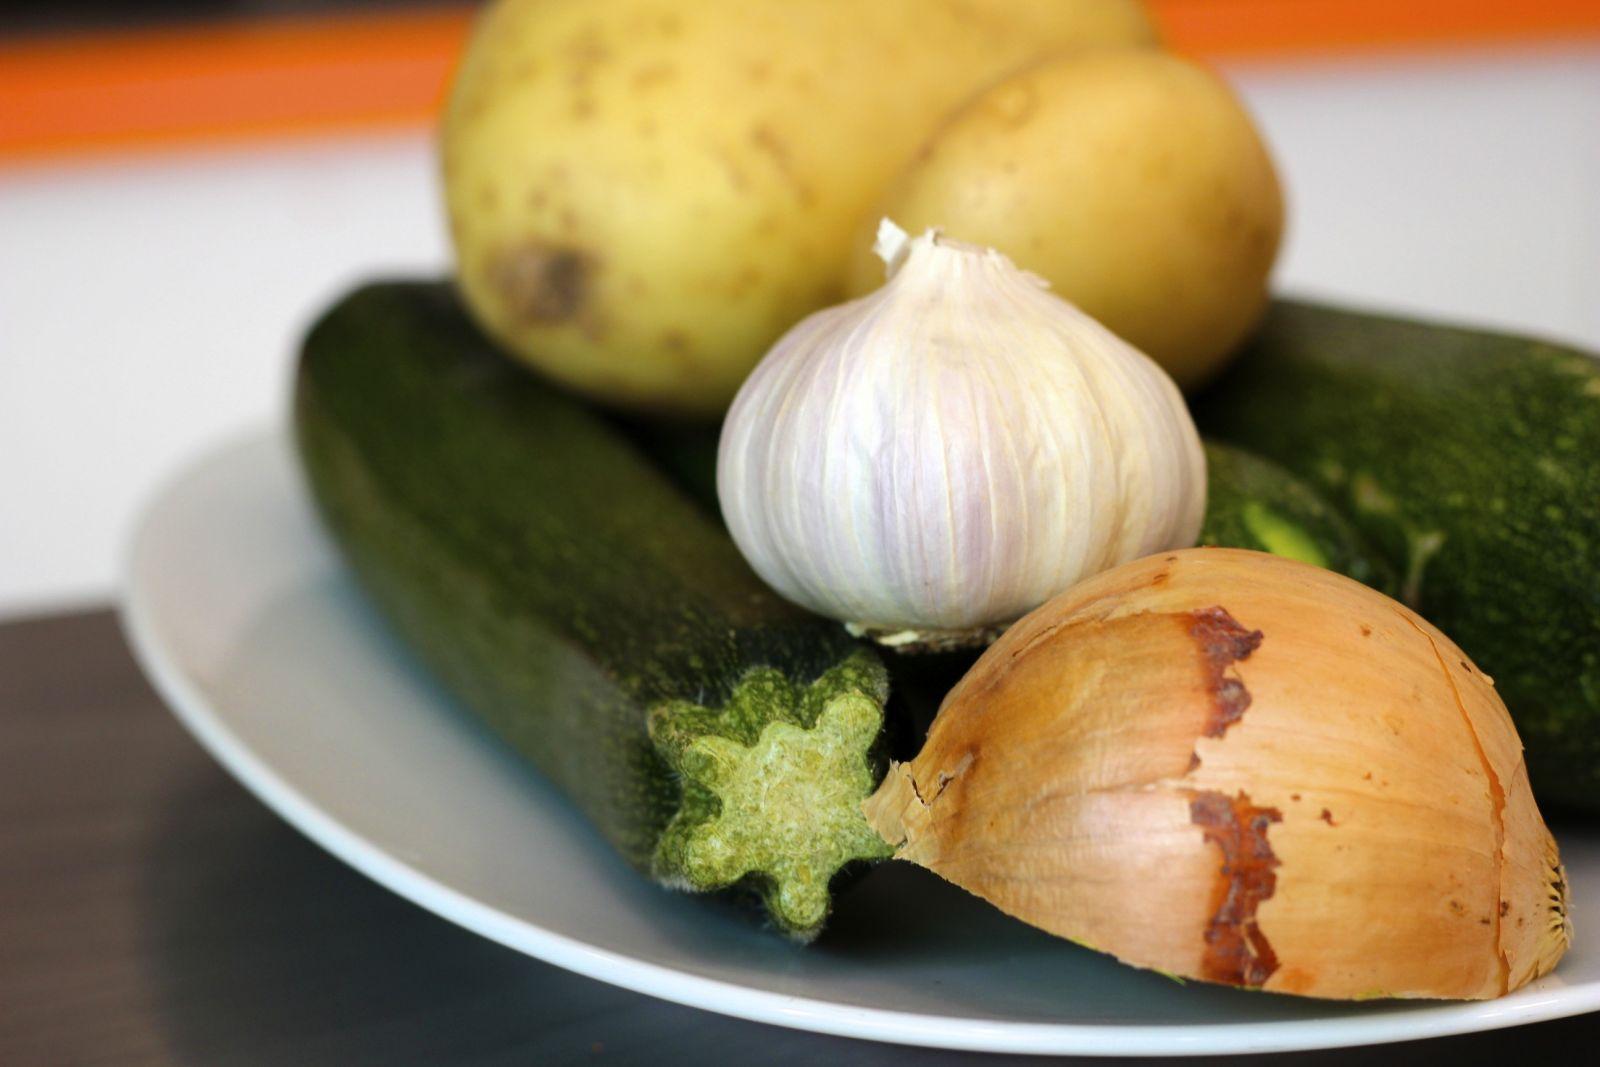 Cursos De Cocina En Barcelona Para Principiantes | Mas Verduras Jpg